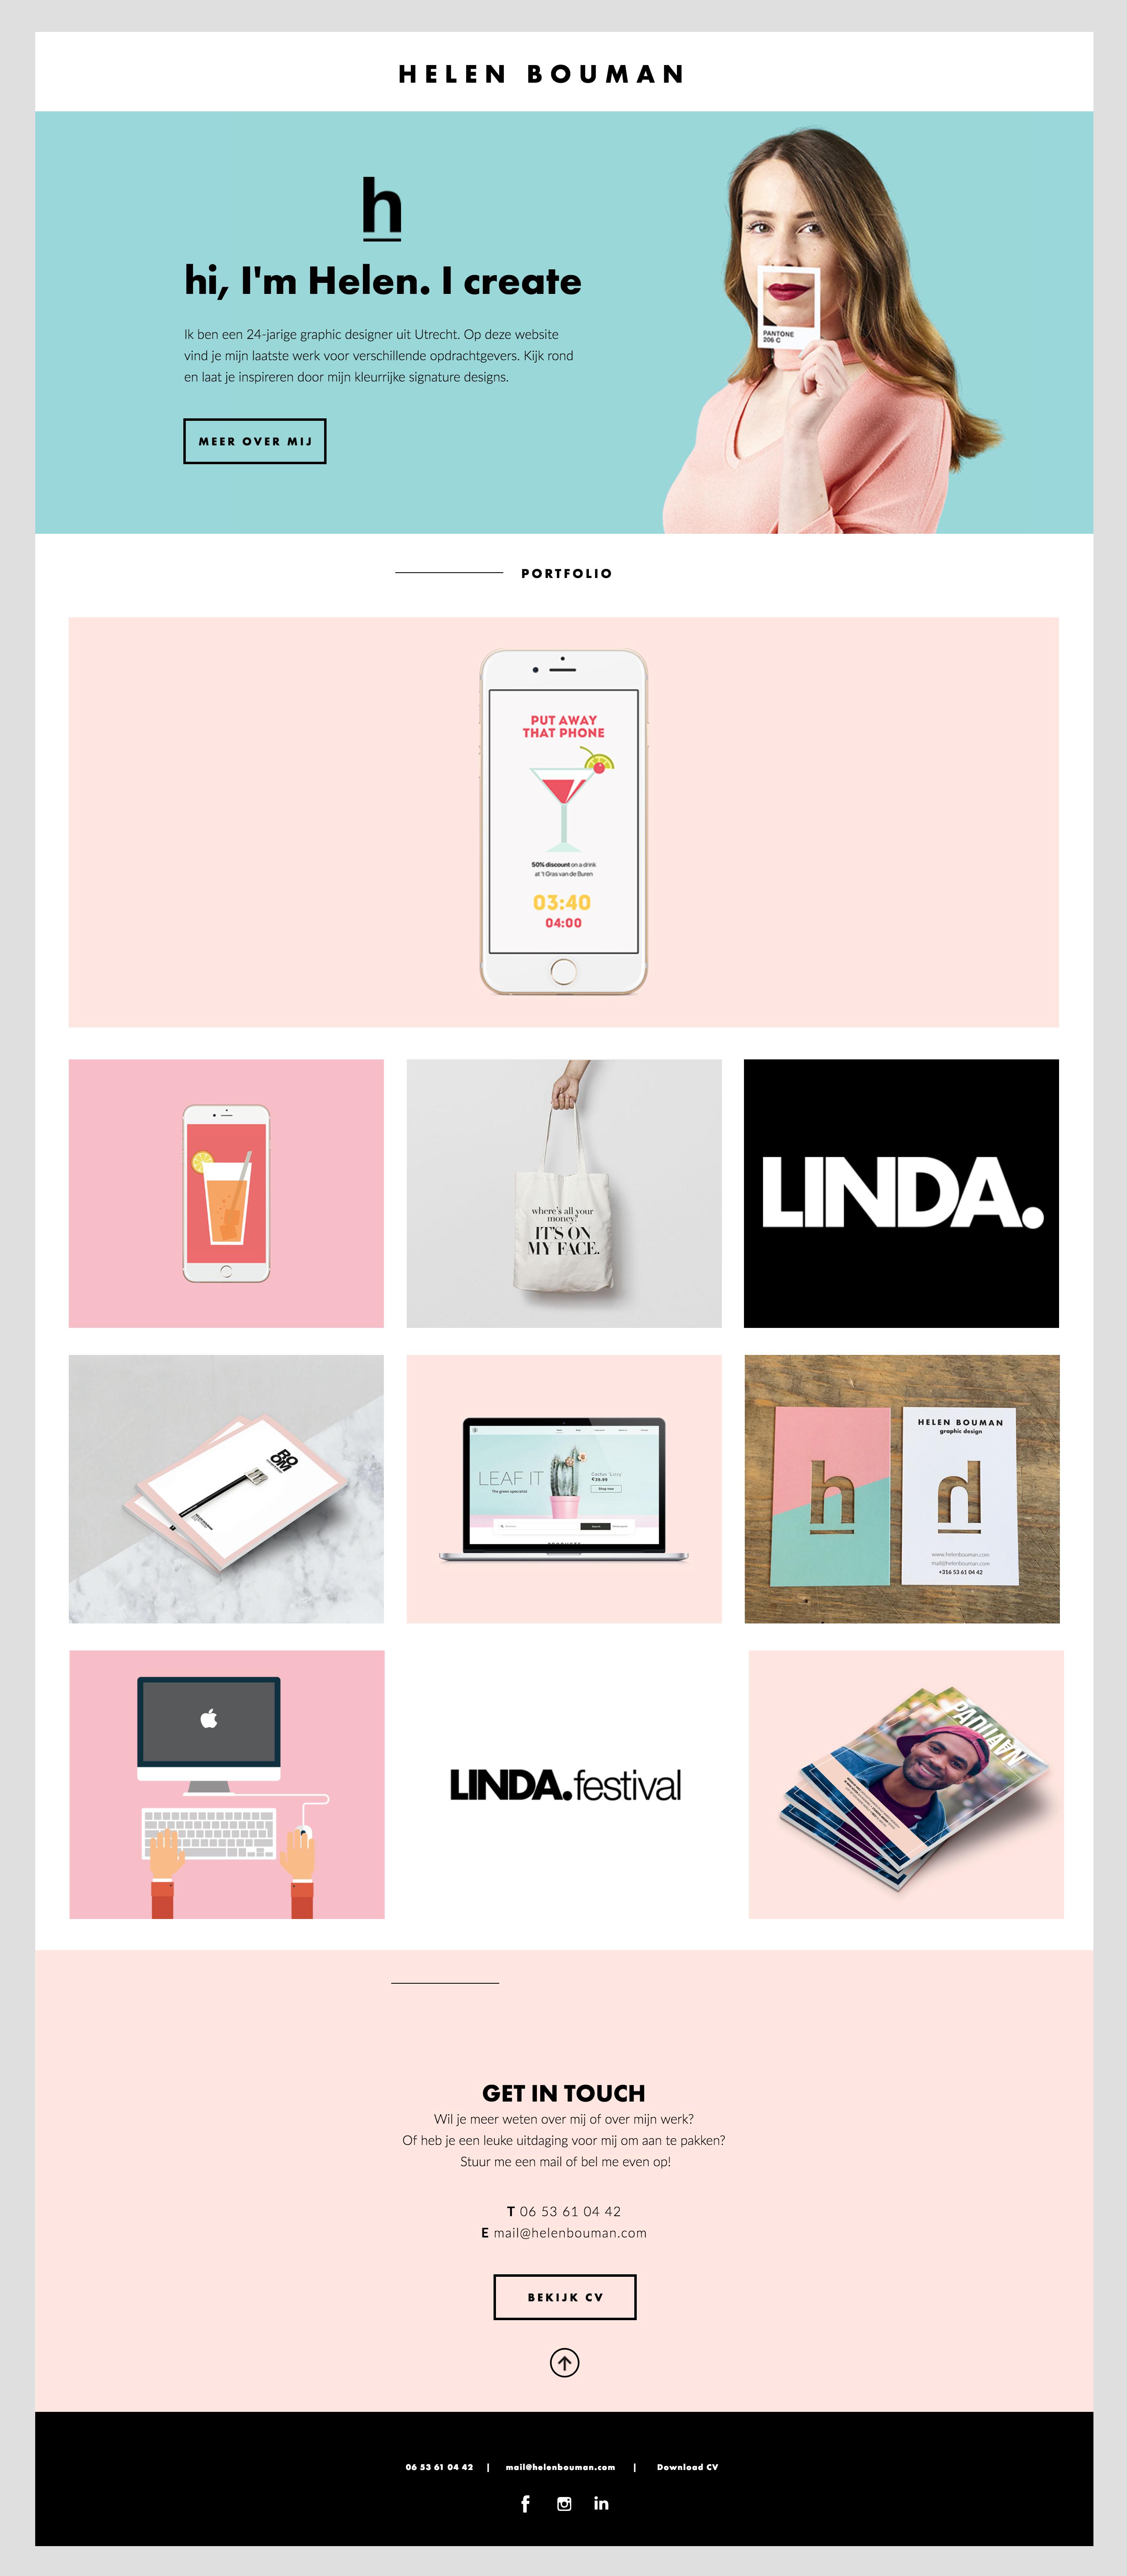 Simple But Creative Portfolio Website Design For Graphic Designer Portfolio Website Design Portfolio Web Design Portfolio Design Layout